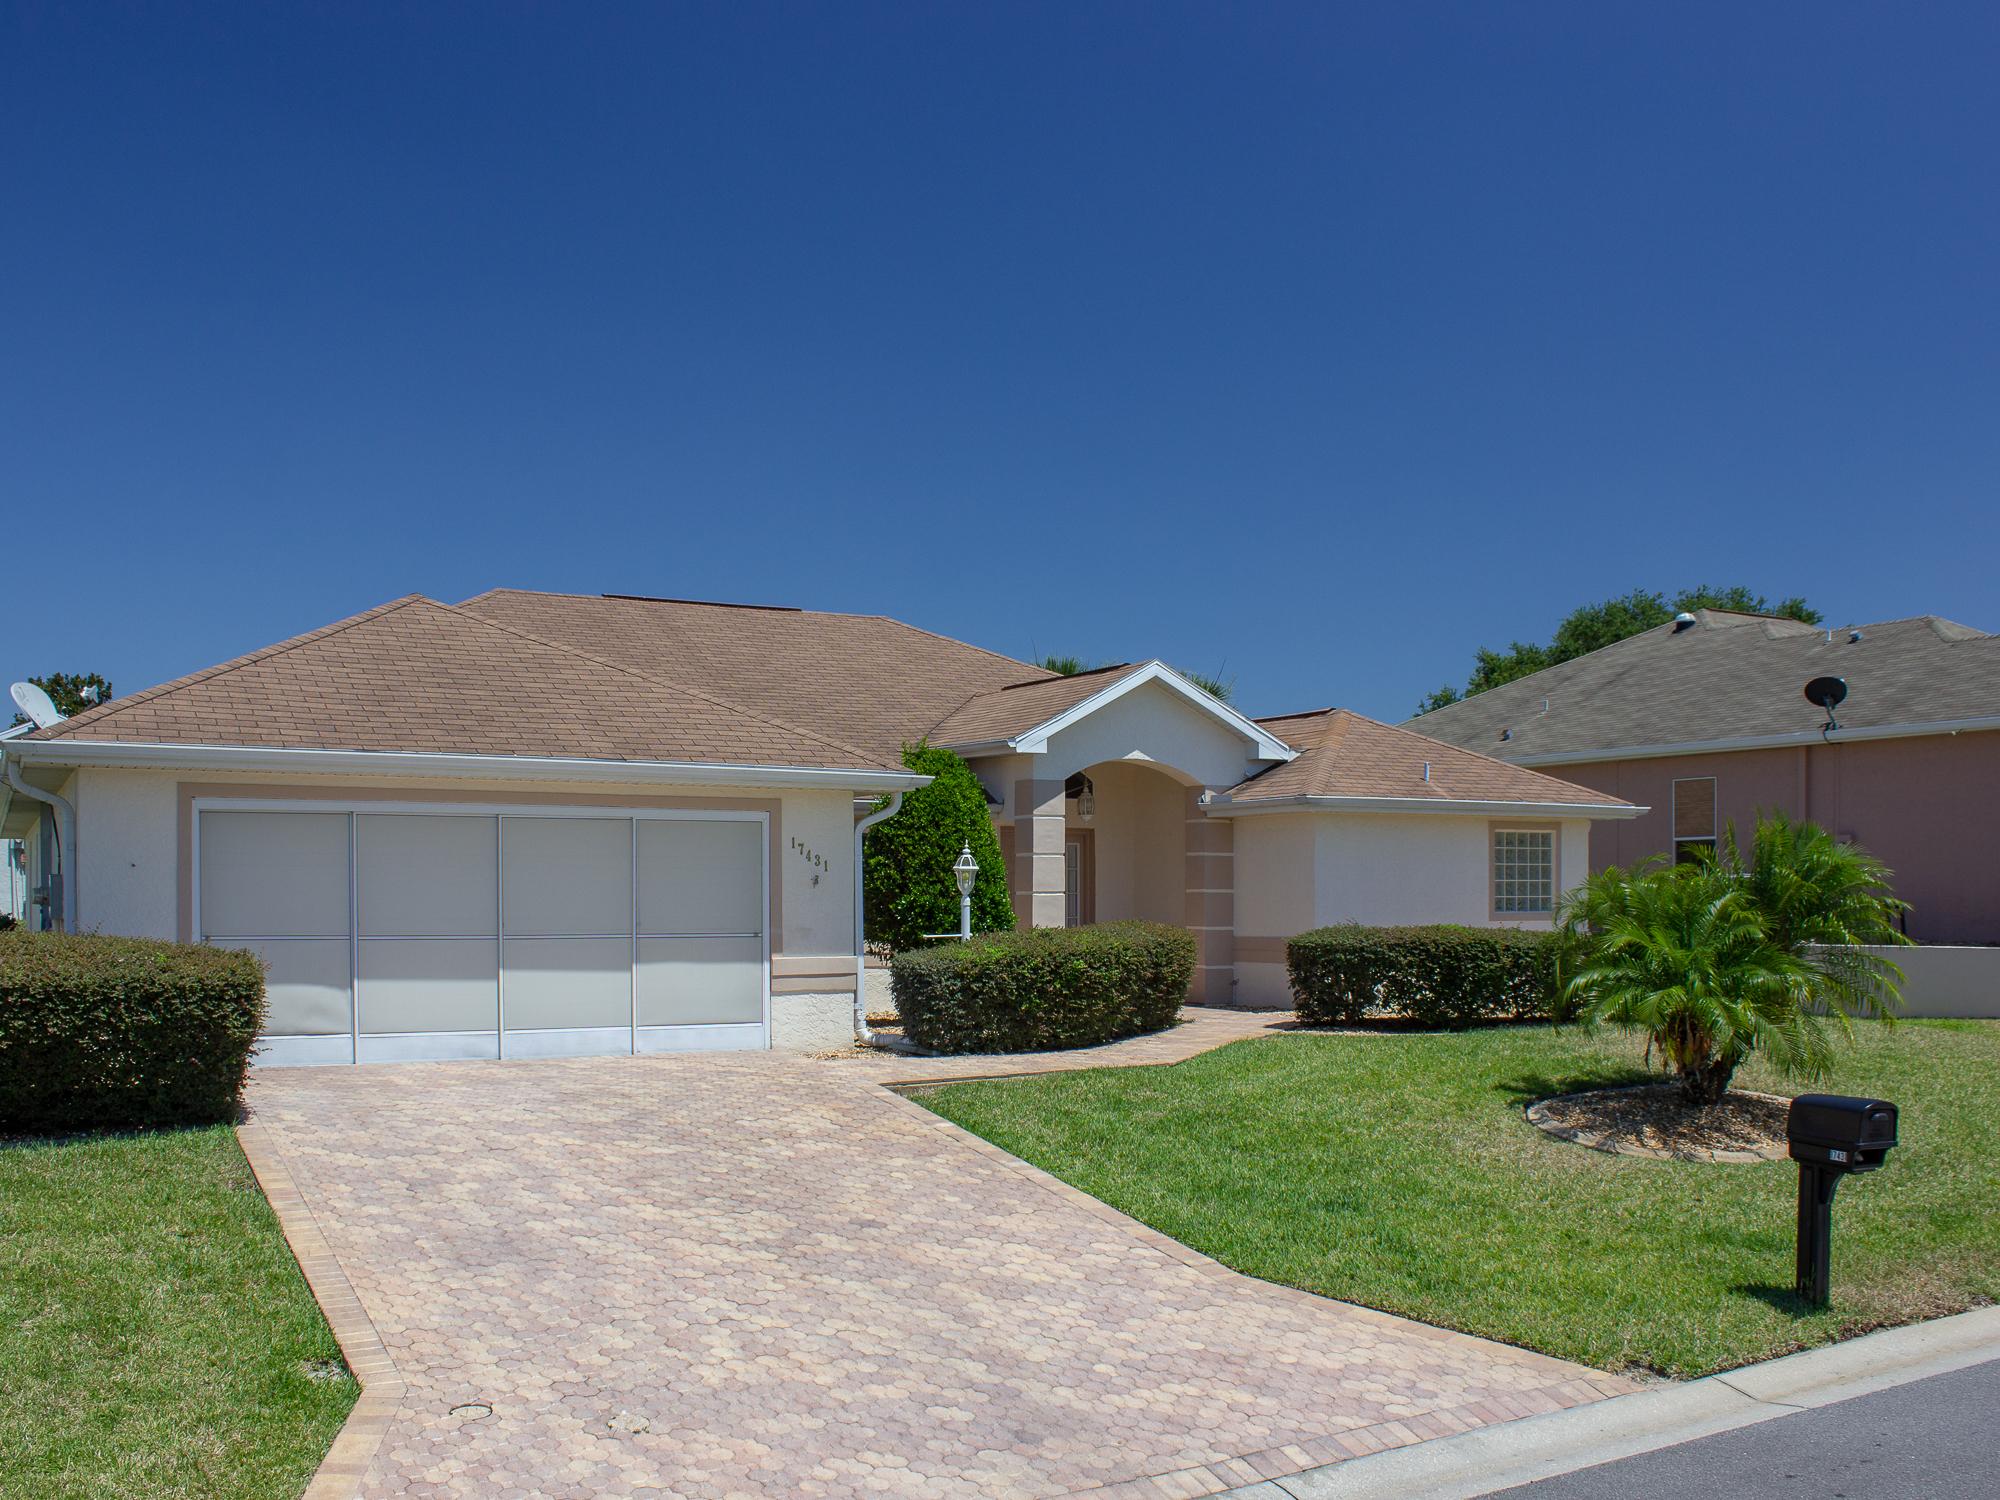 17431-SE-110th-Terrace-Summerfield-FL-34491-138-of-39